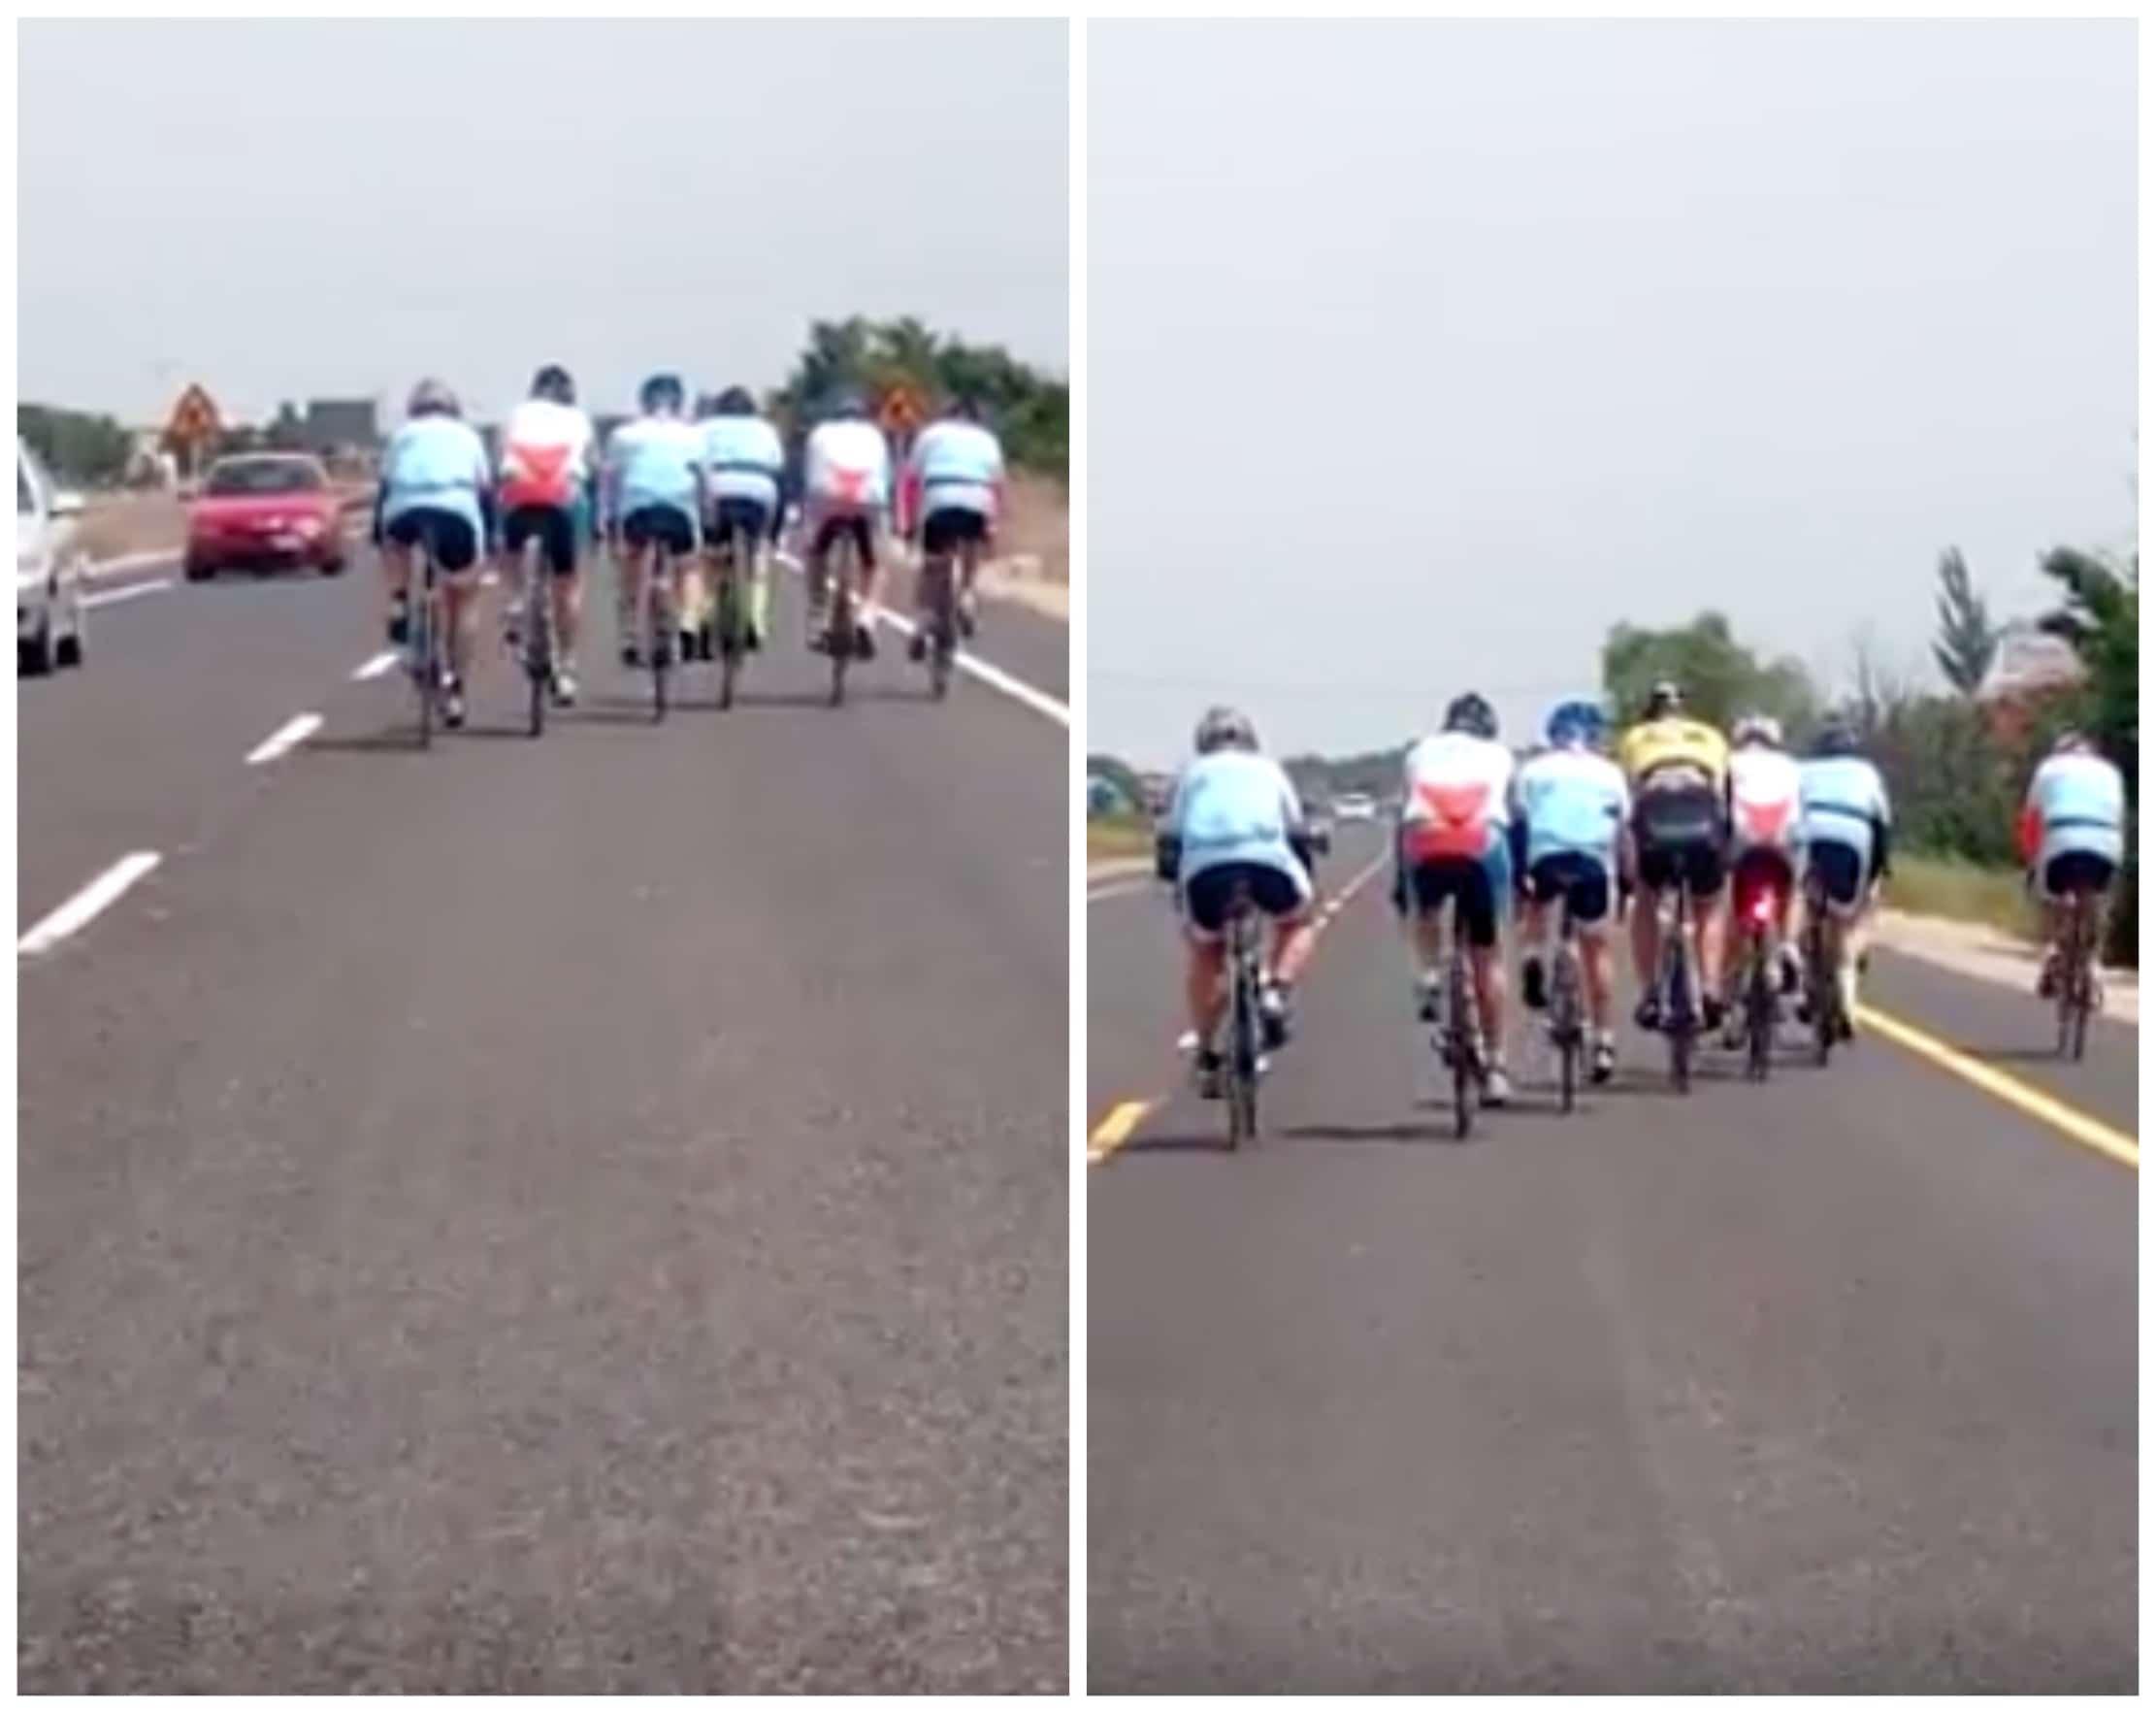 Ciclistas que invadieron todo el carril de una vía. Pulzo.